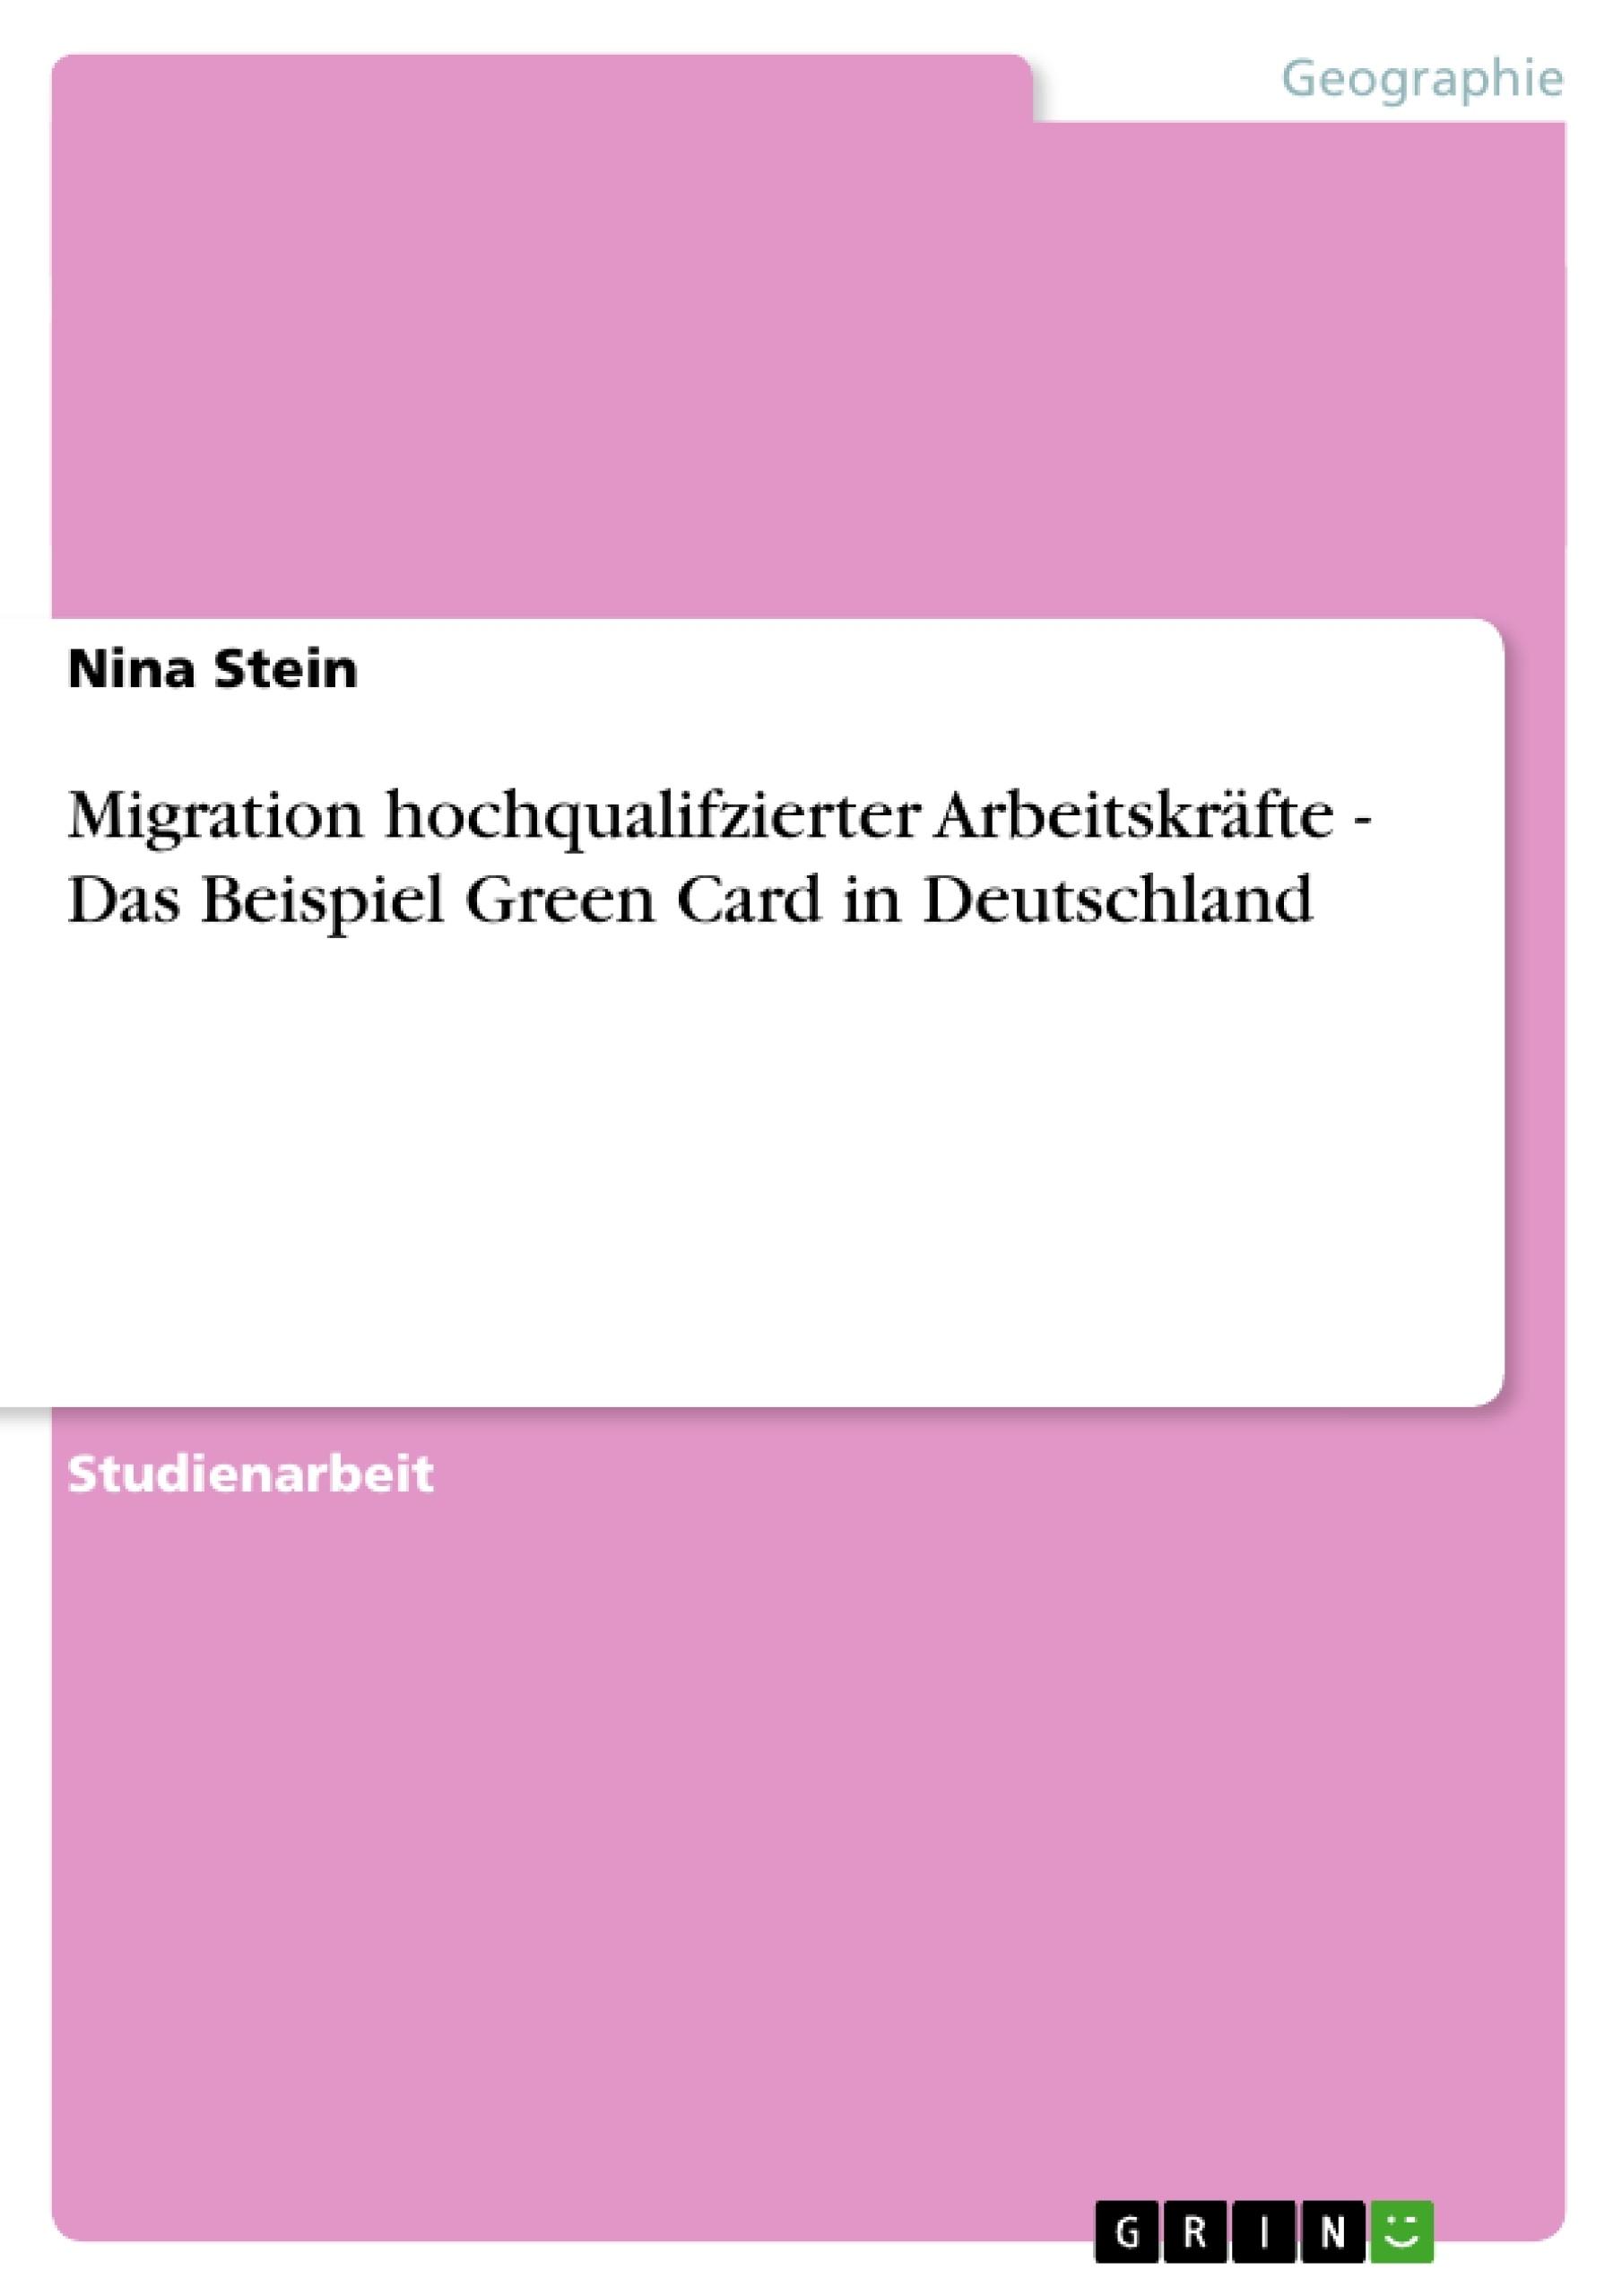 Titel: Migration hochqualifzierter Arbeitskräfte - Das Beispiel Green Card in Deutschland